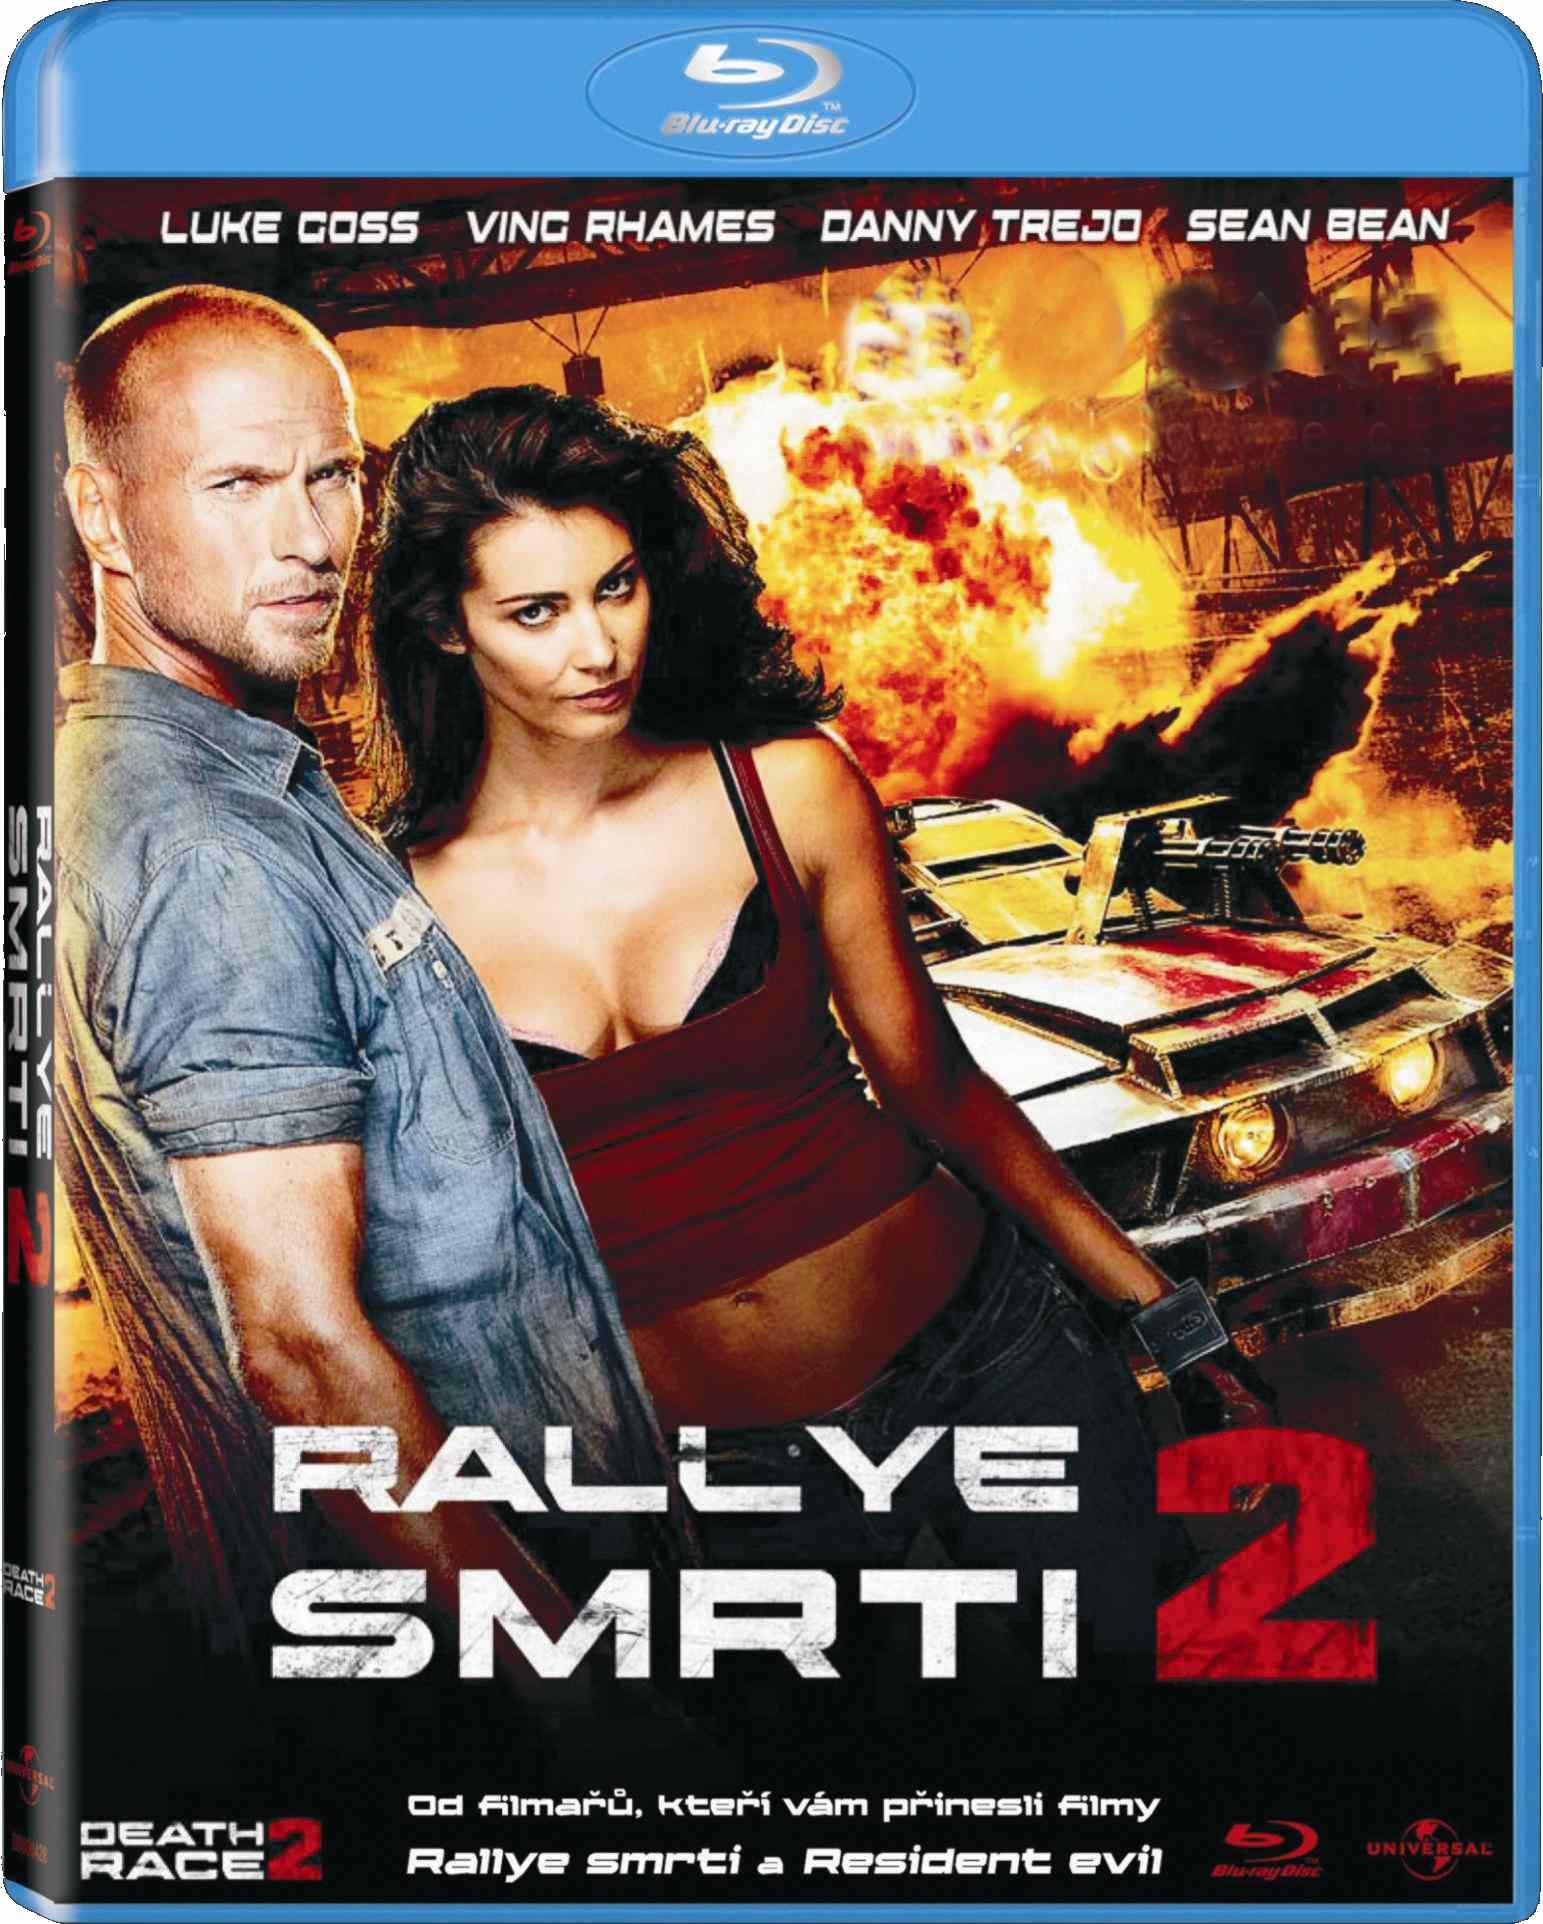 RALLYE SMRTI 2 - Blu-ray